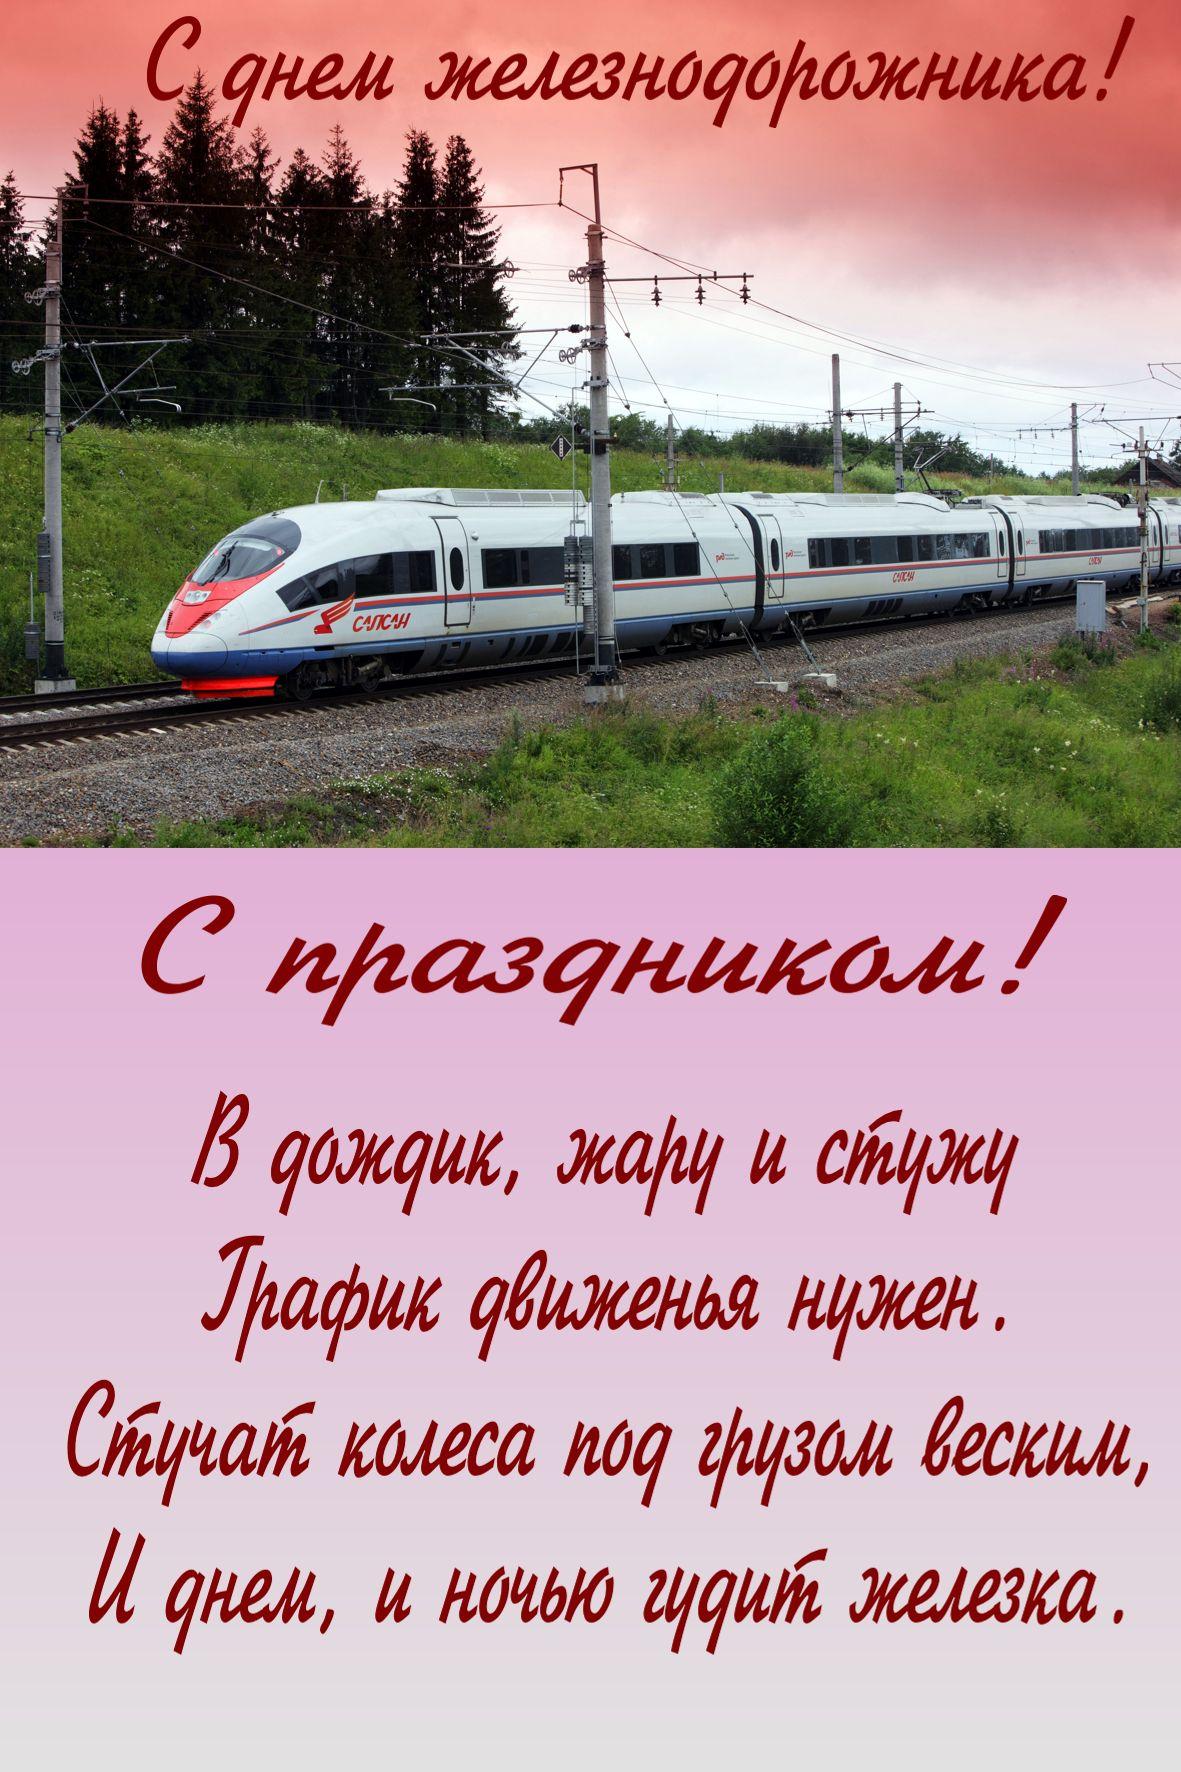 Поздравления прикольные ко дню железнодорожника